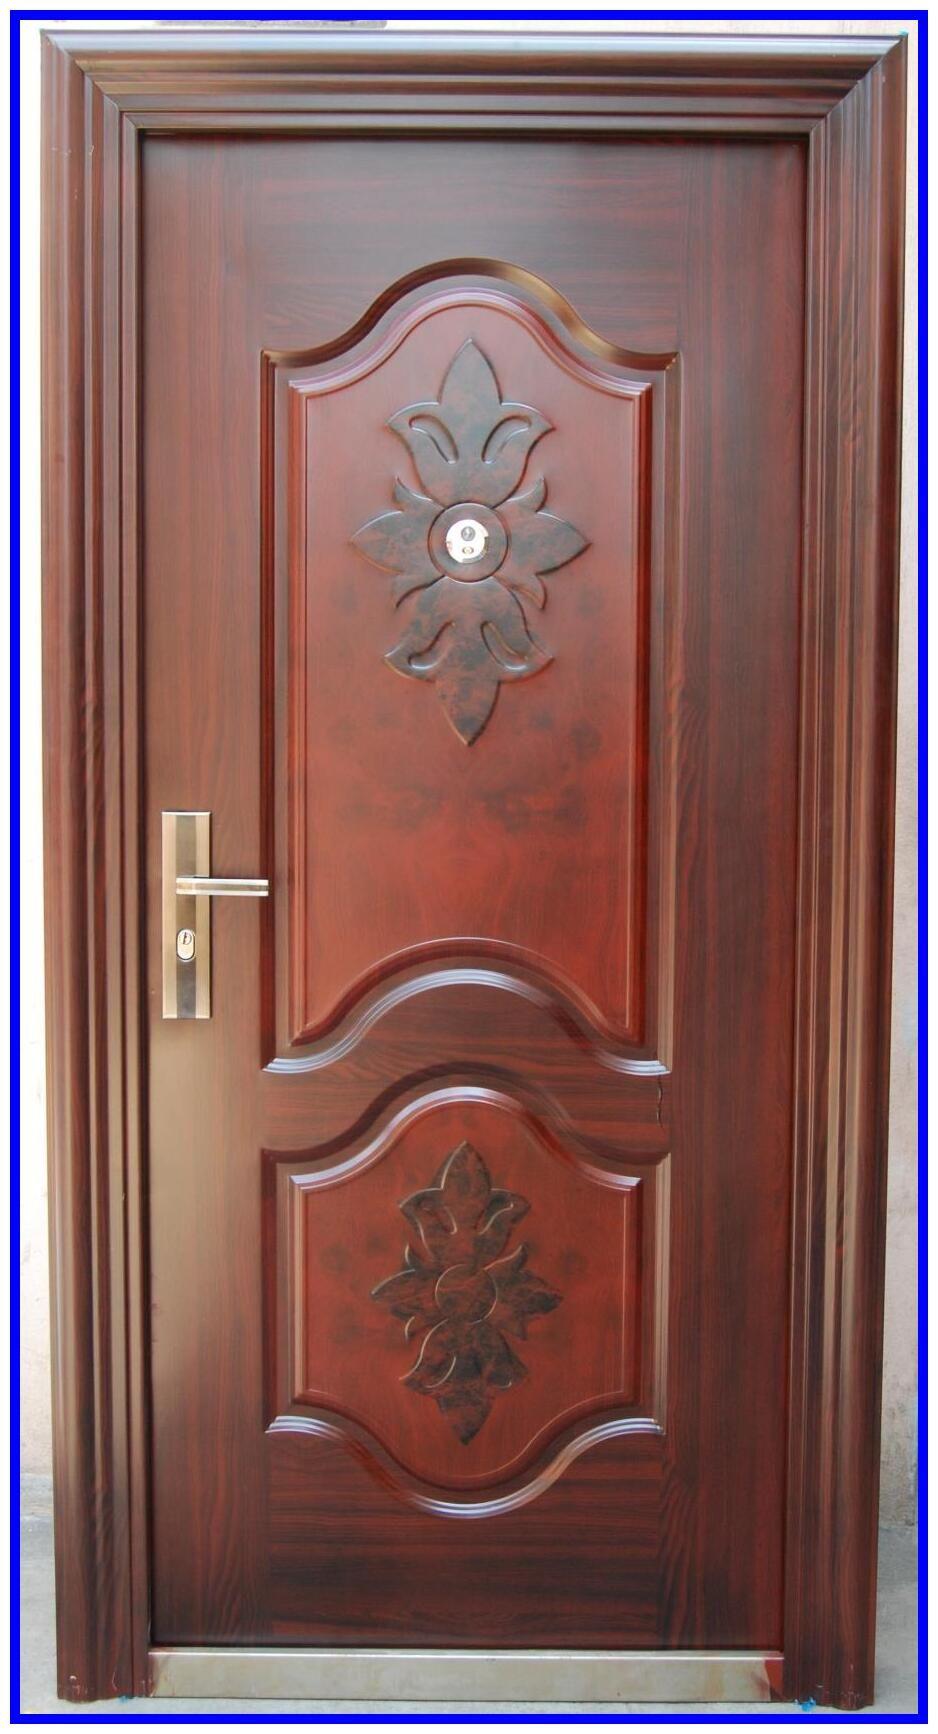 63 Reference Of Main Door Design Indian Style In 2020 Wooden Door Design Wooden Main Door Design Security Door Design